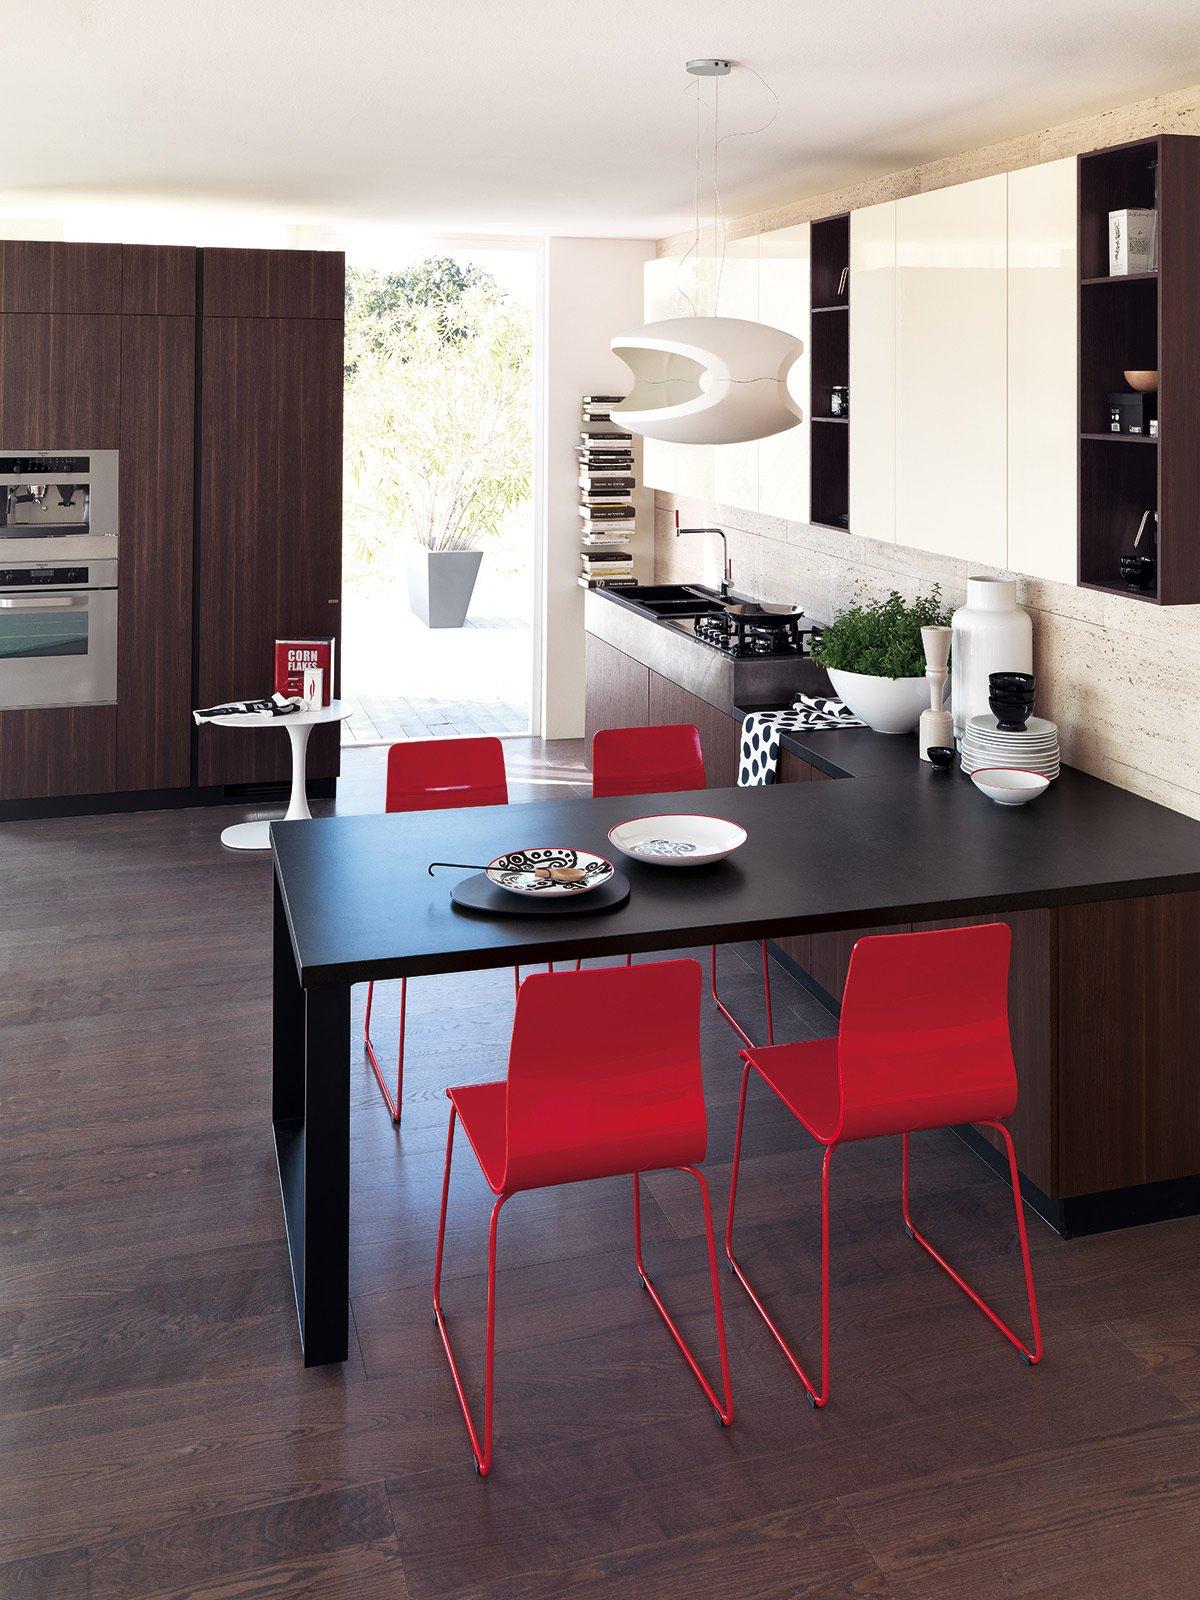 Cucine con penisola le novit cose di casa - Cucine 3 metri scavolini ...